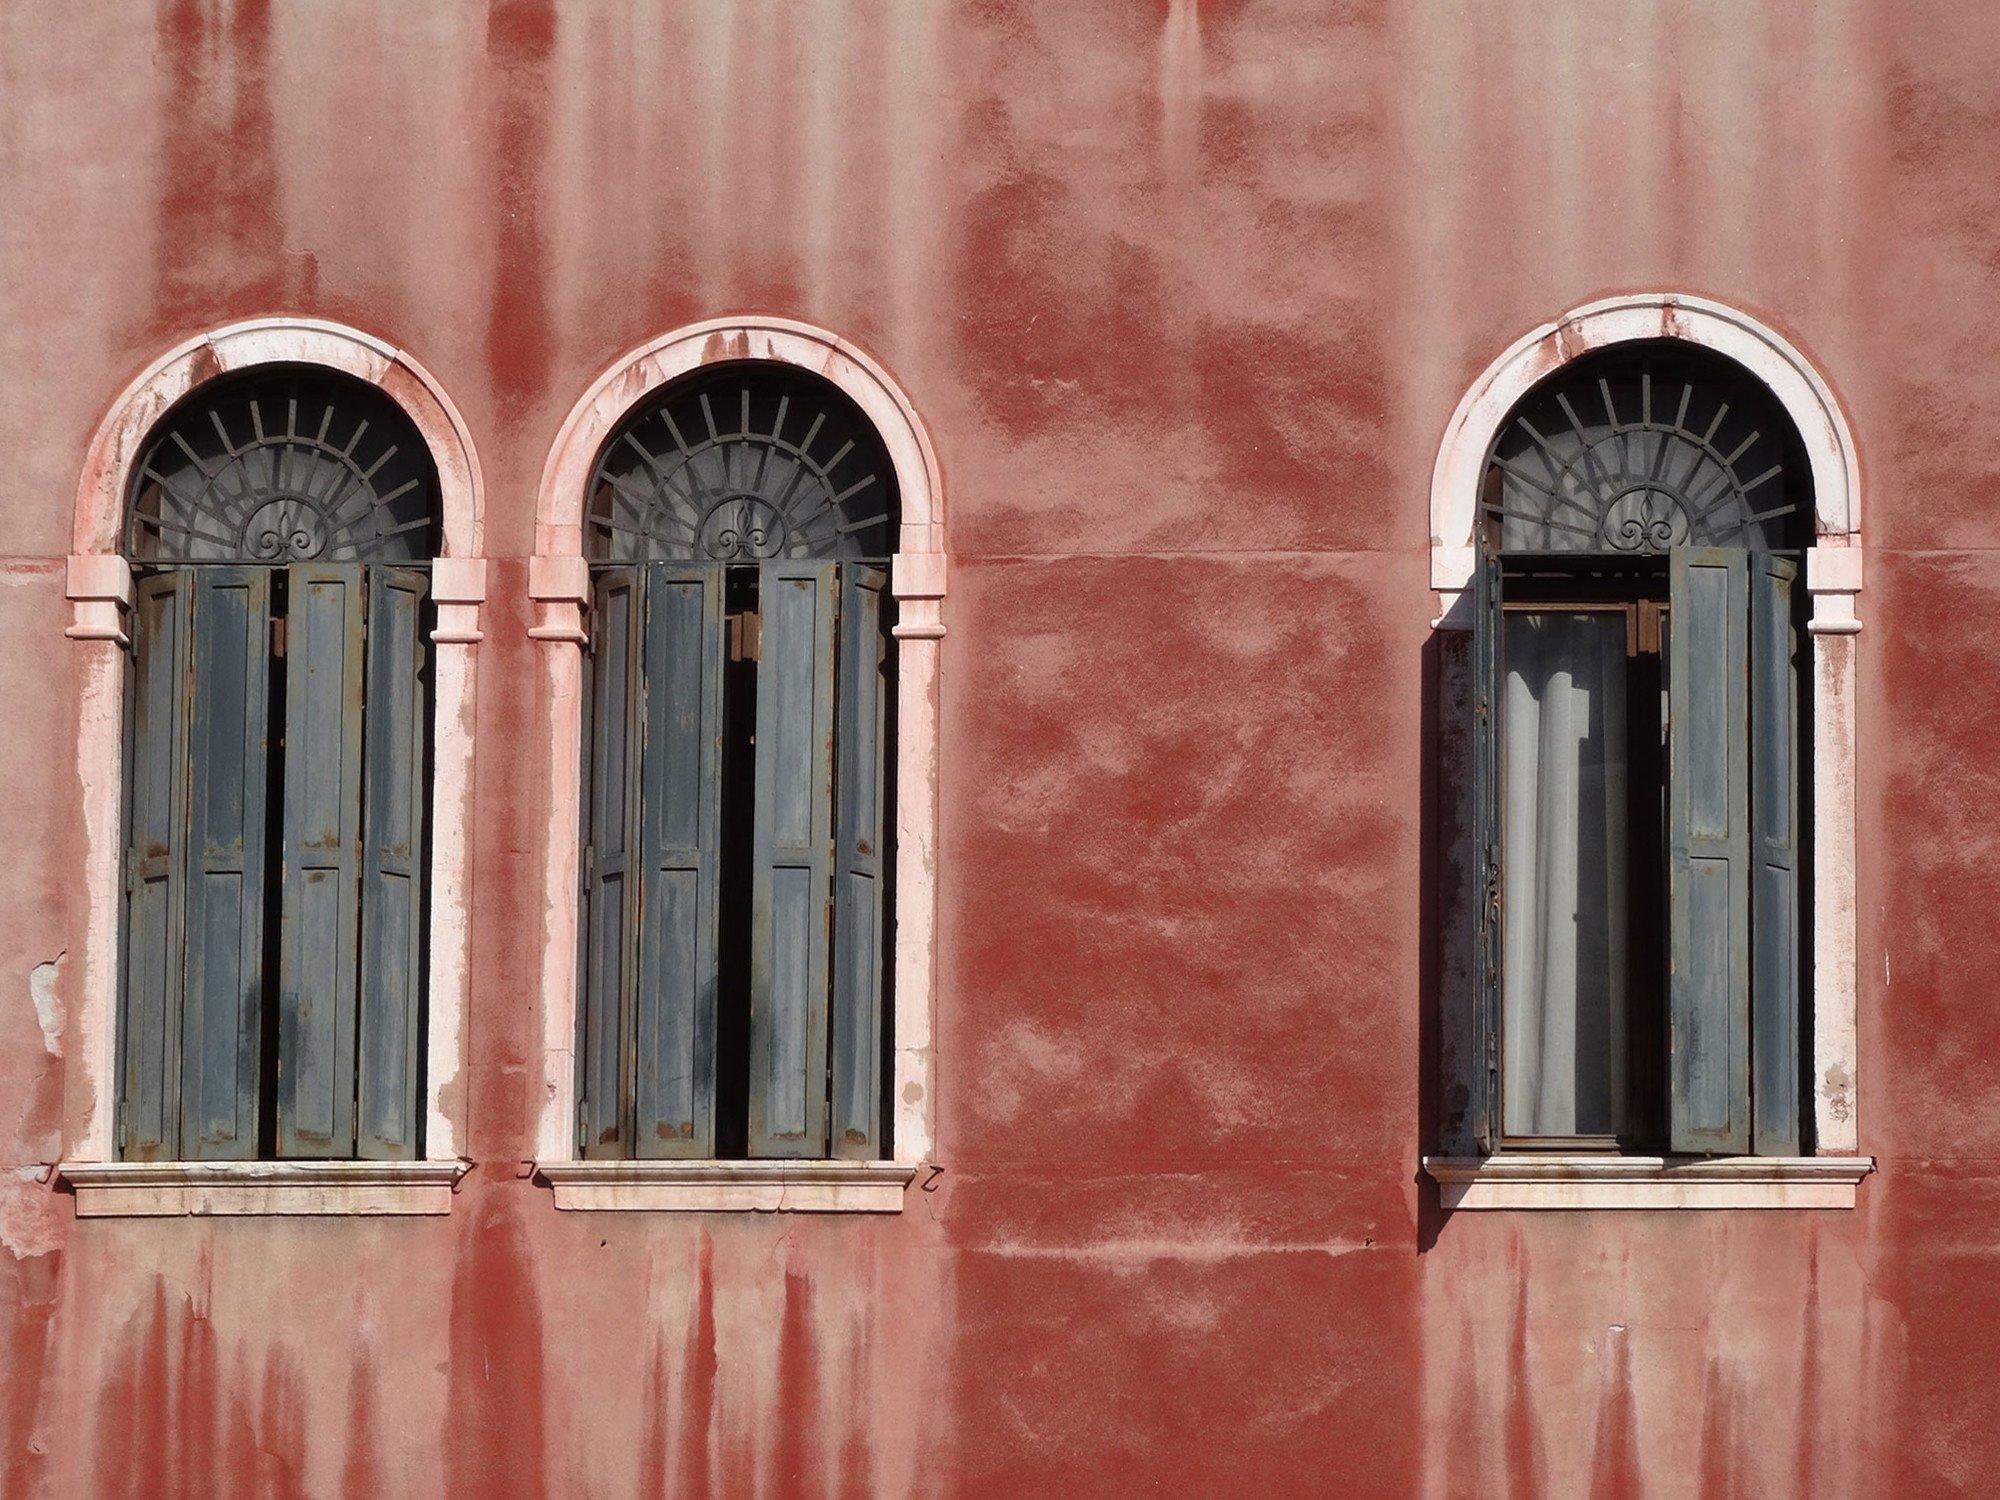 Allgemeines Zu Fensterläden Sonnenschutz Fensterläden